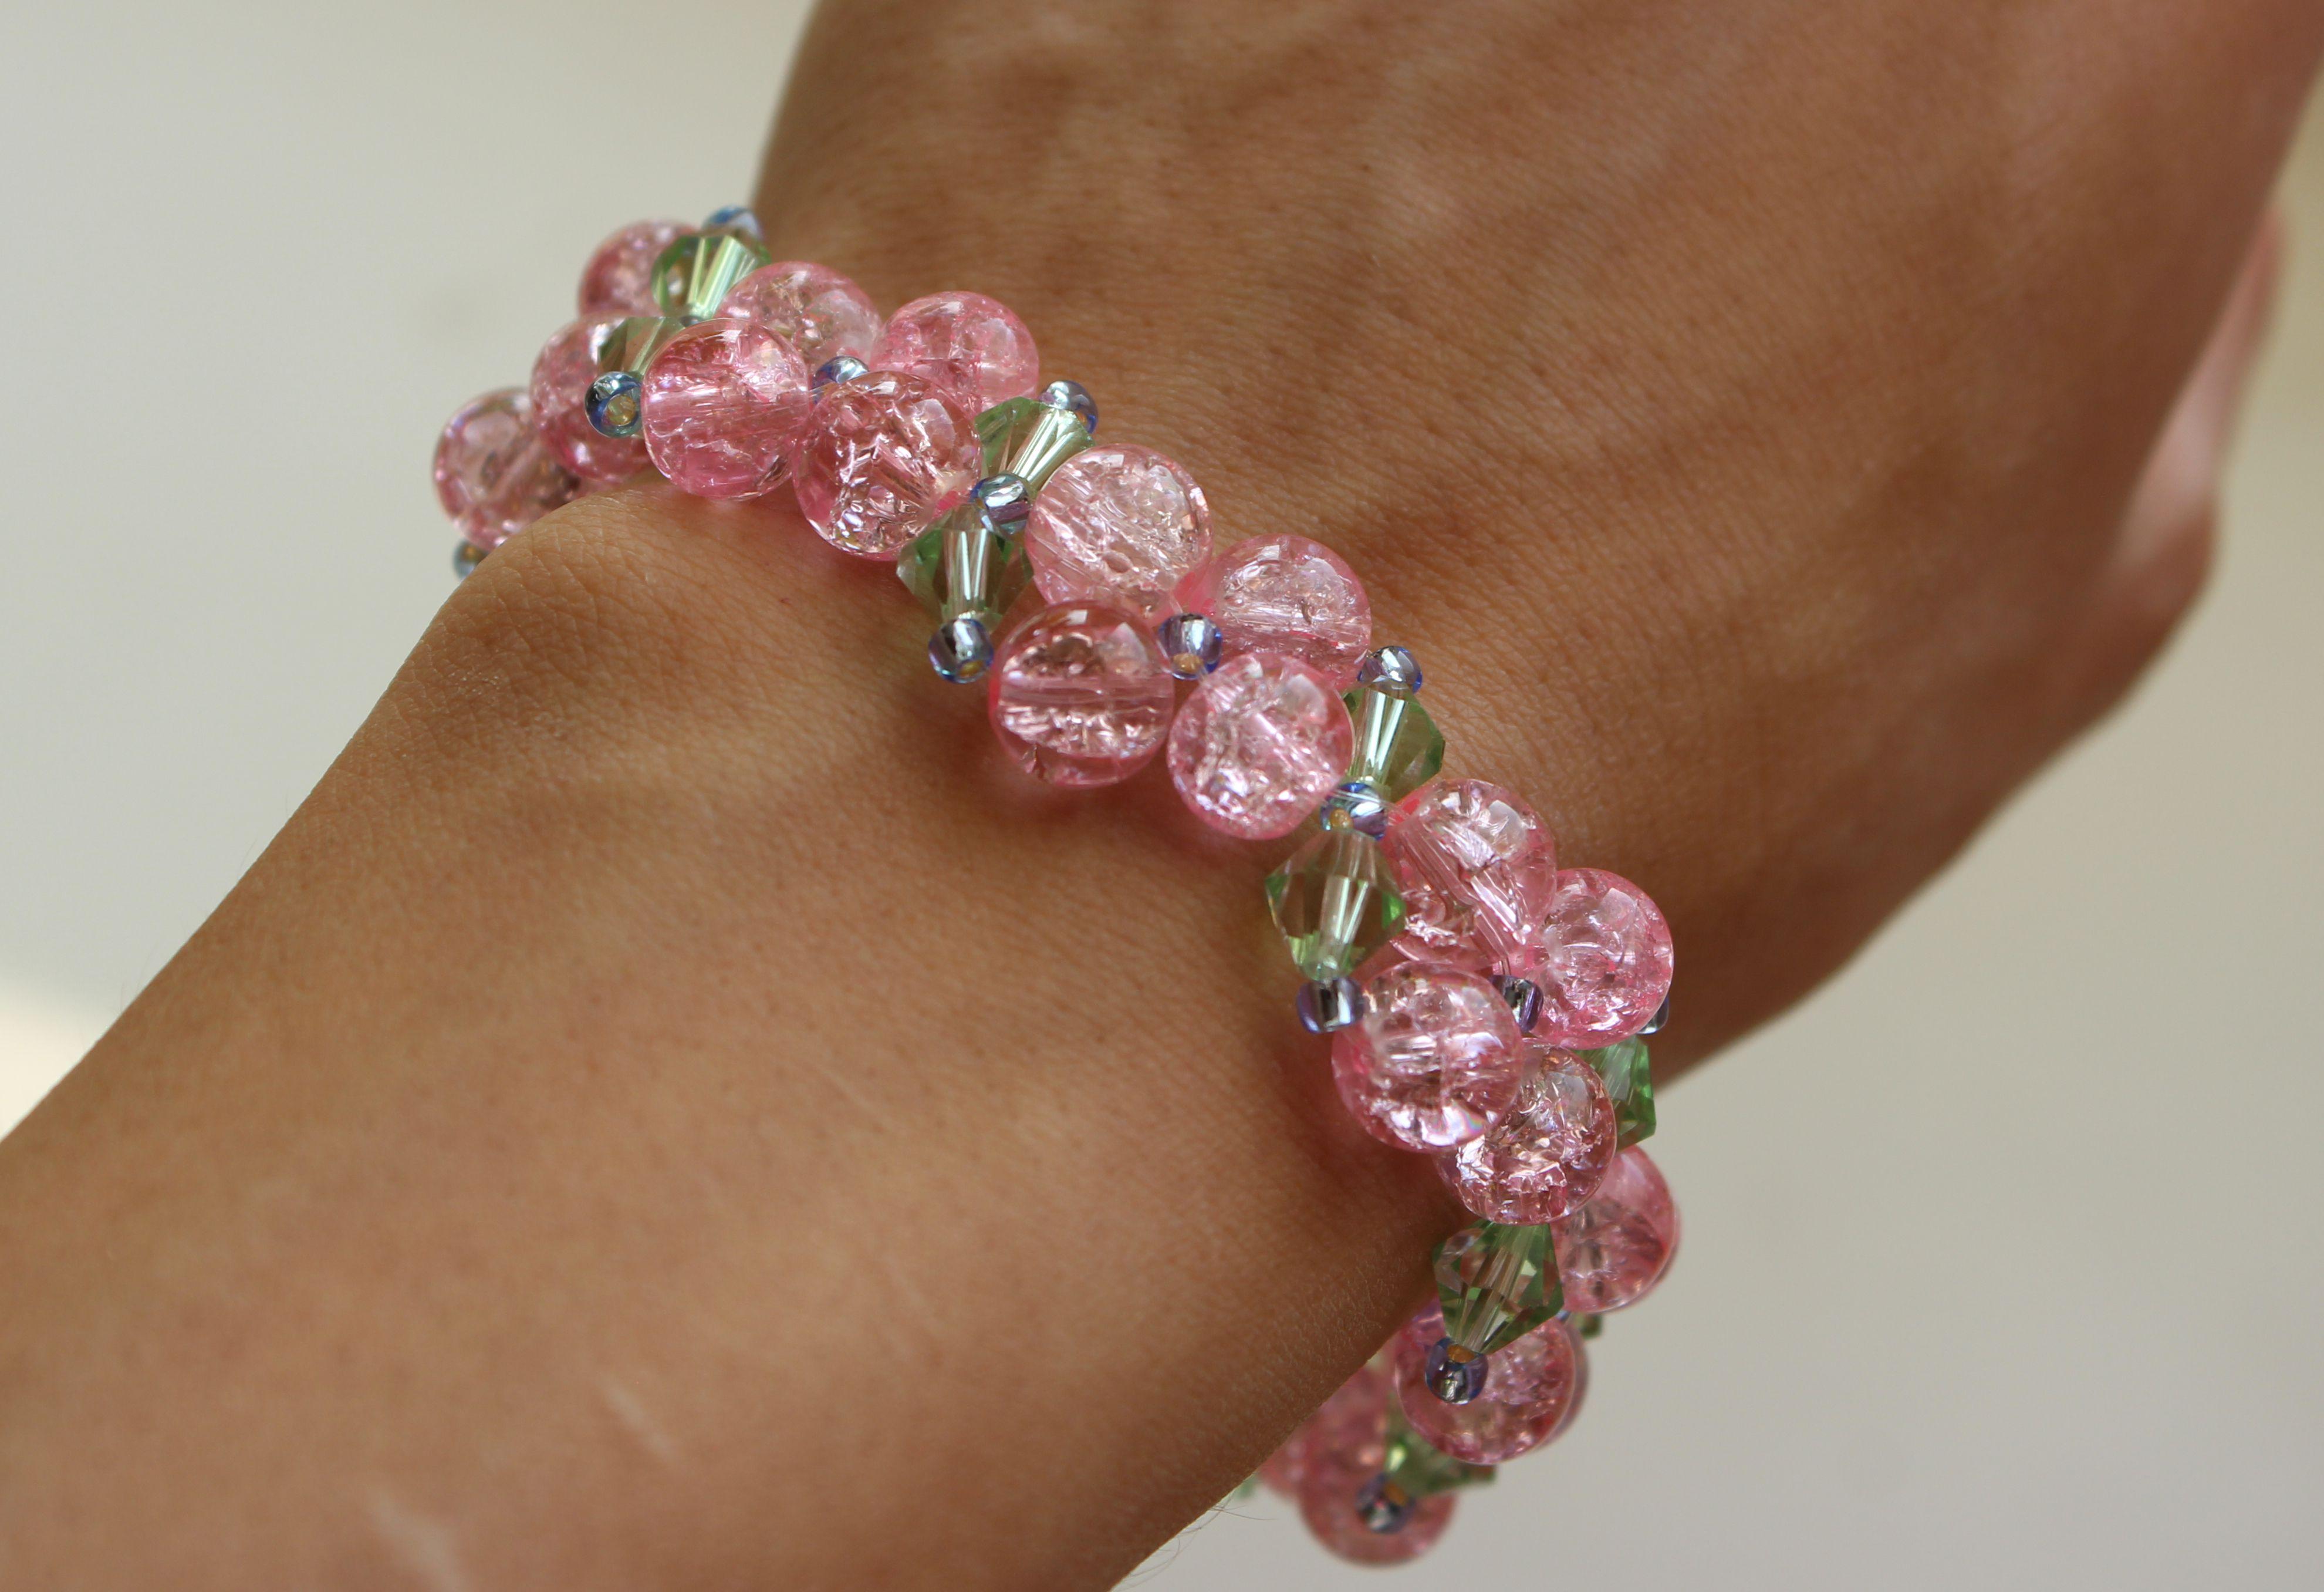 зеленый браслет нежный розовый бусины прозрачный украшения стекло бижутерия